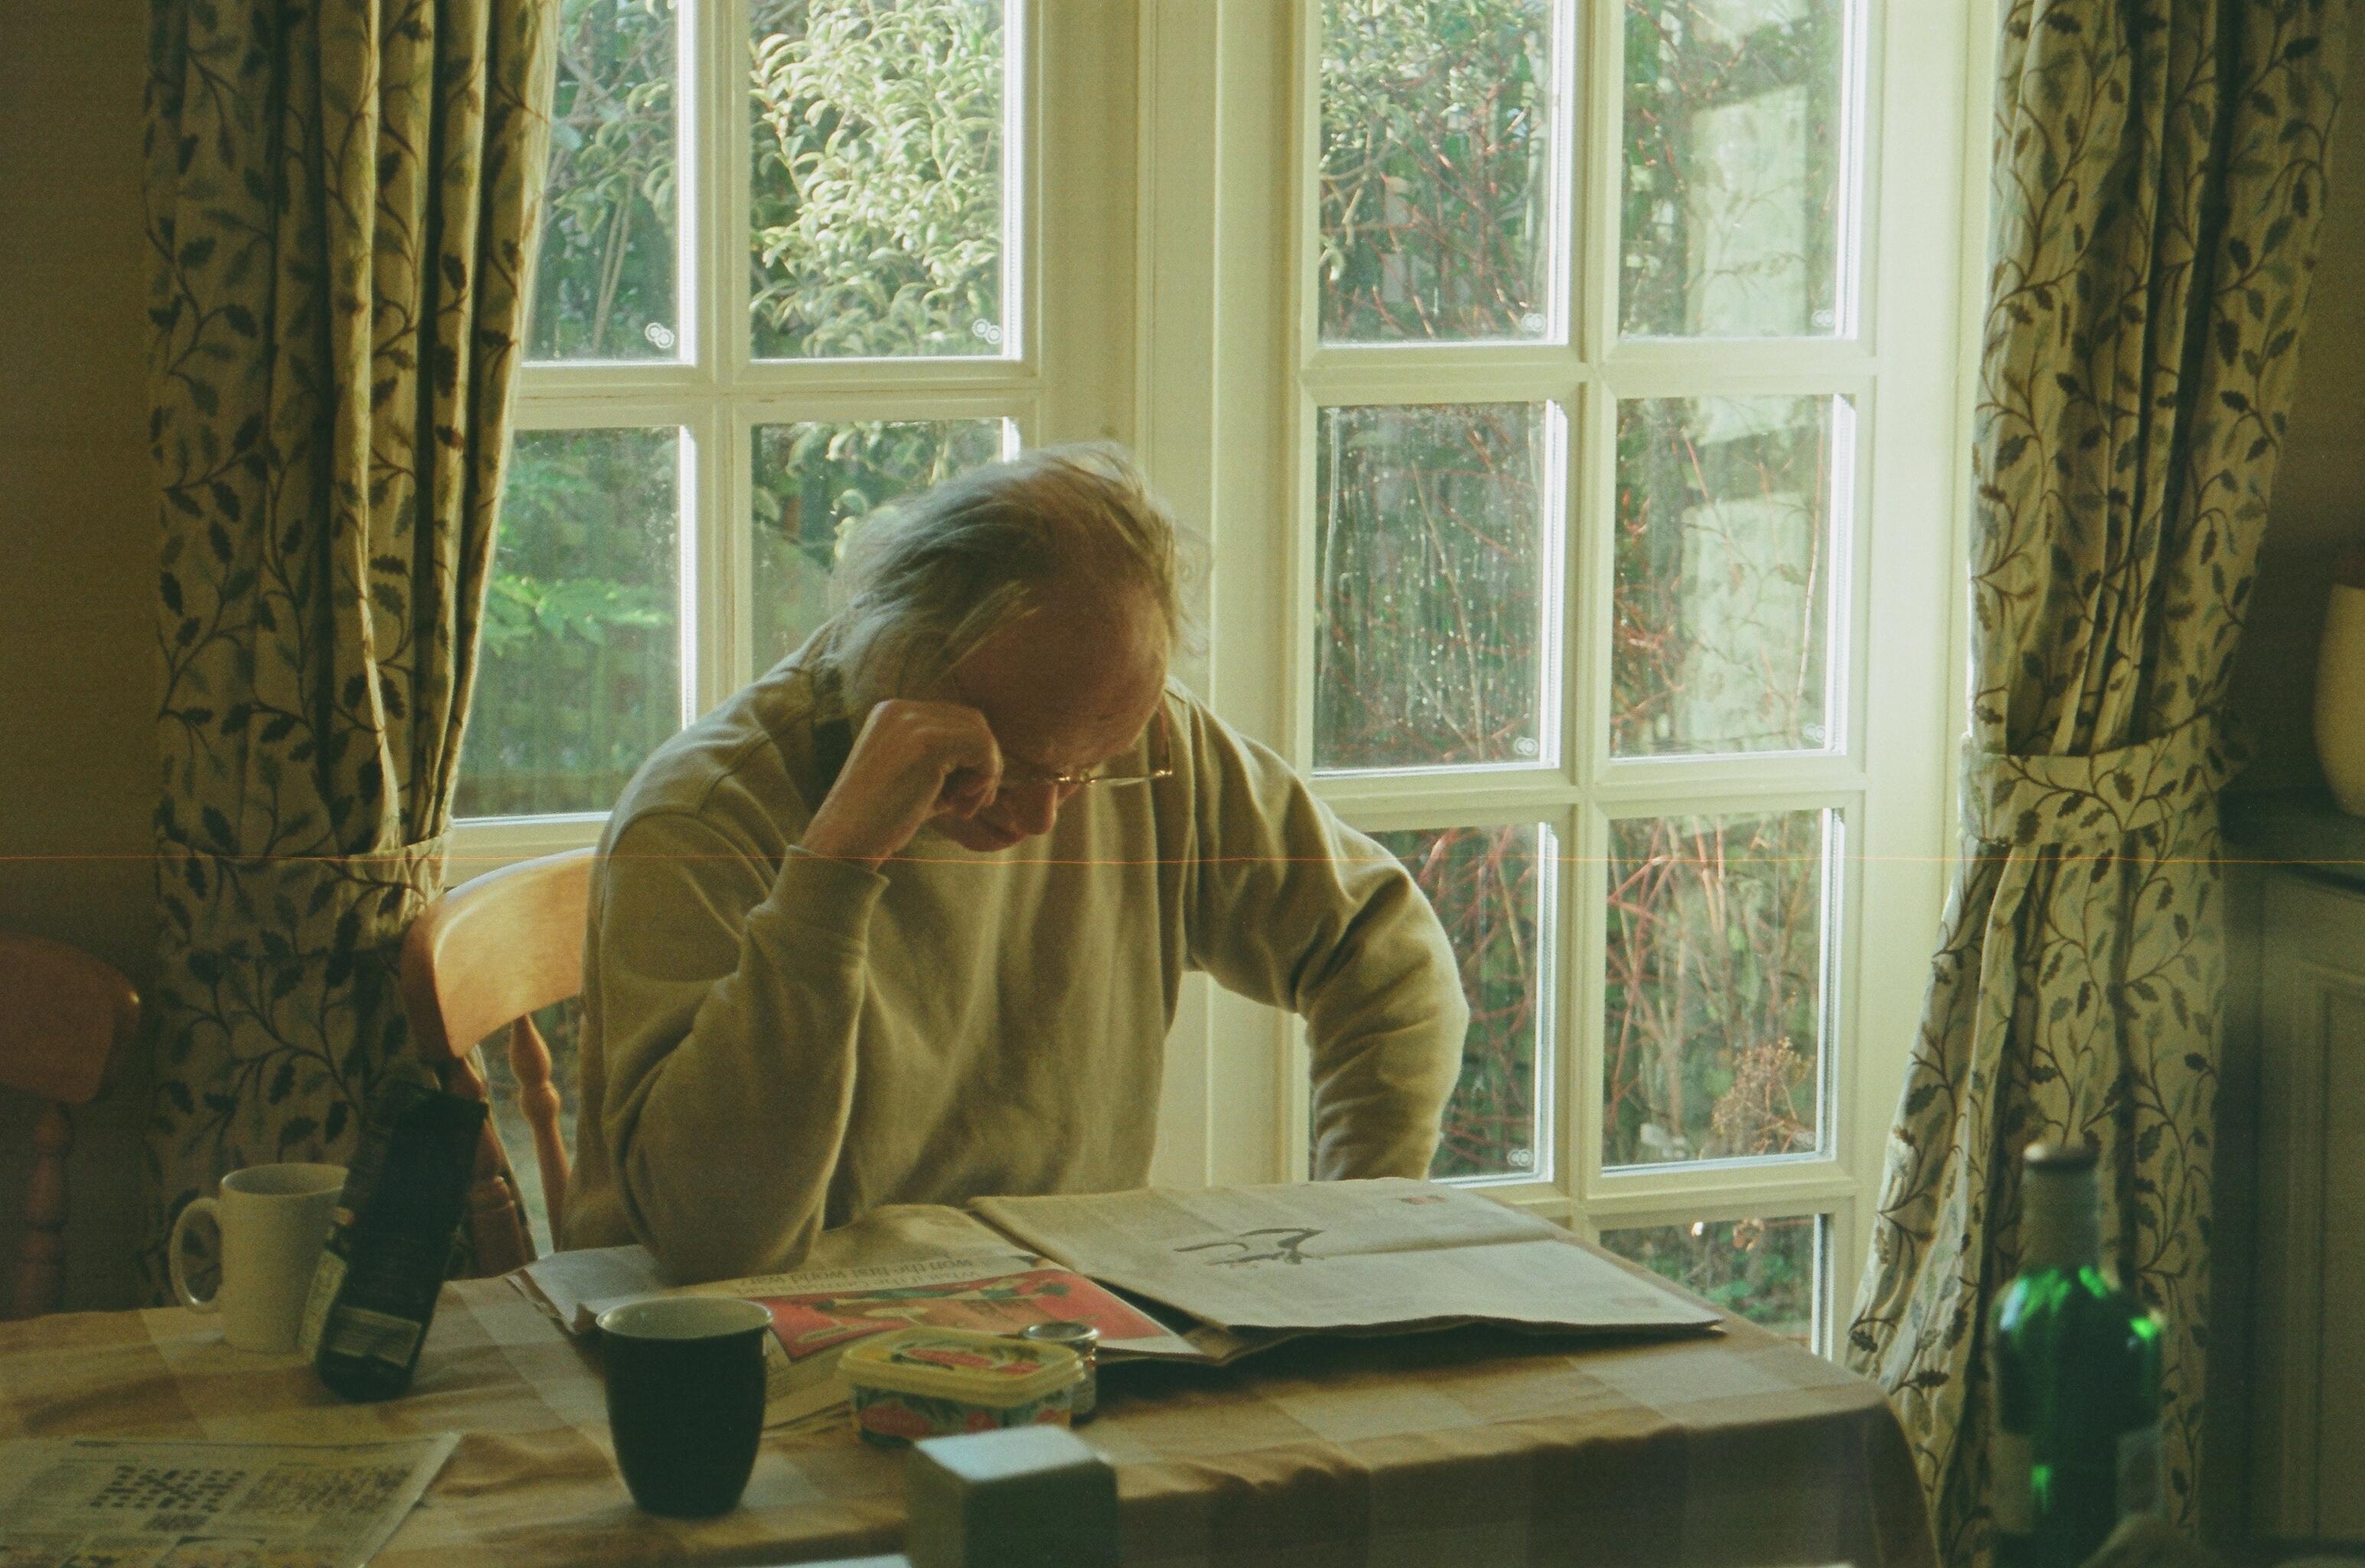 Hintergrundbilder : Porträt, Fenster, Garten, Brille, Sitzung ...